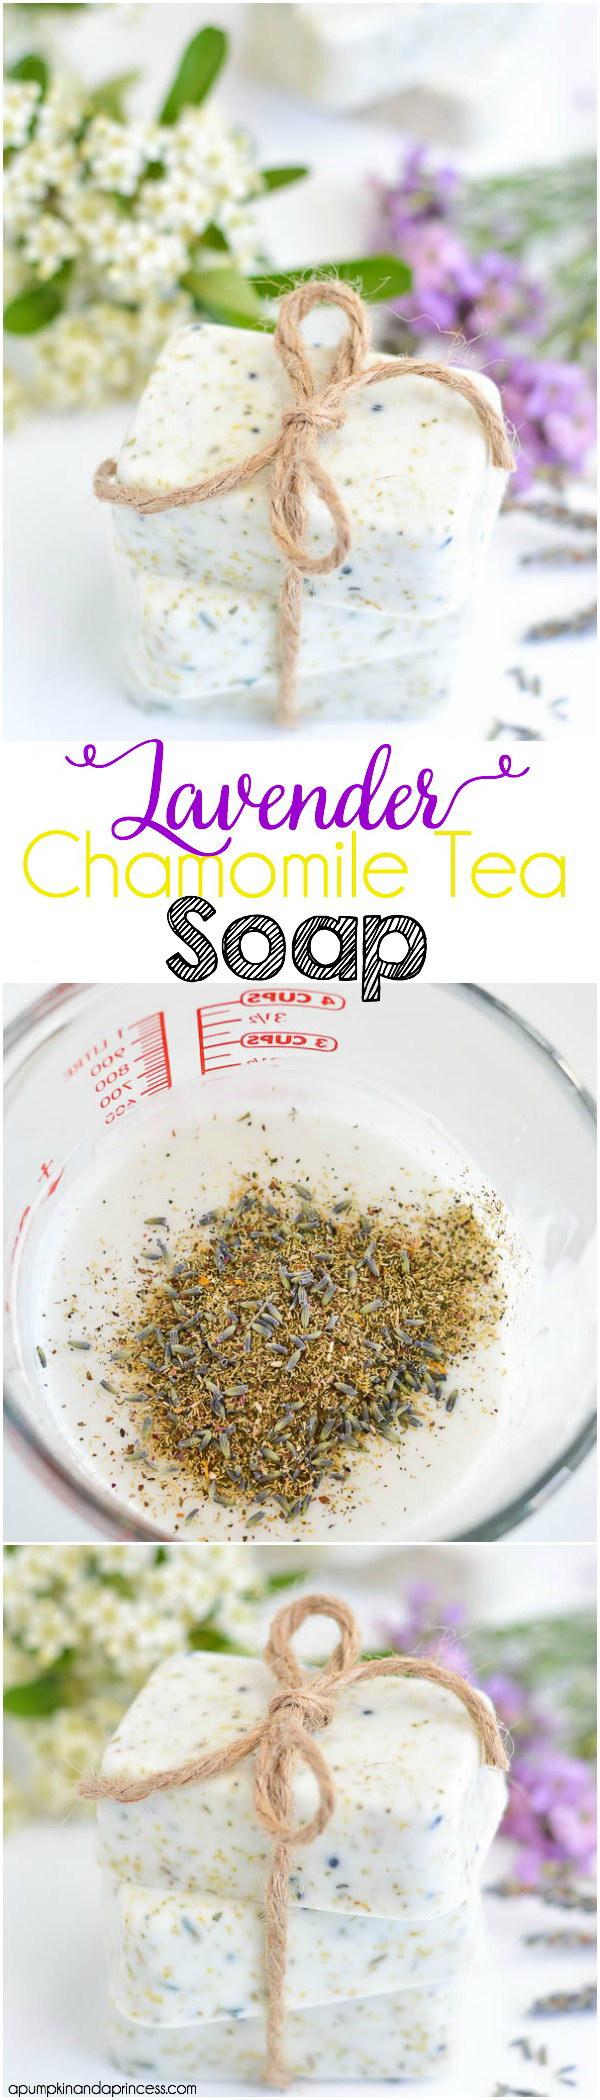 Lavender Chamomile Tea Soap.